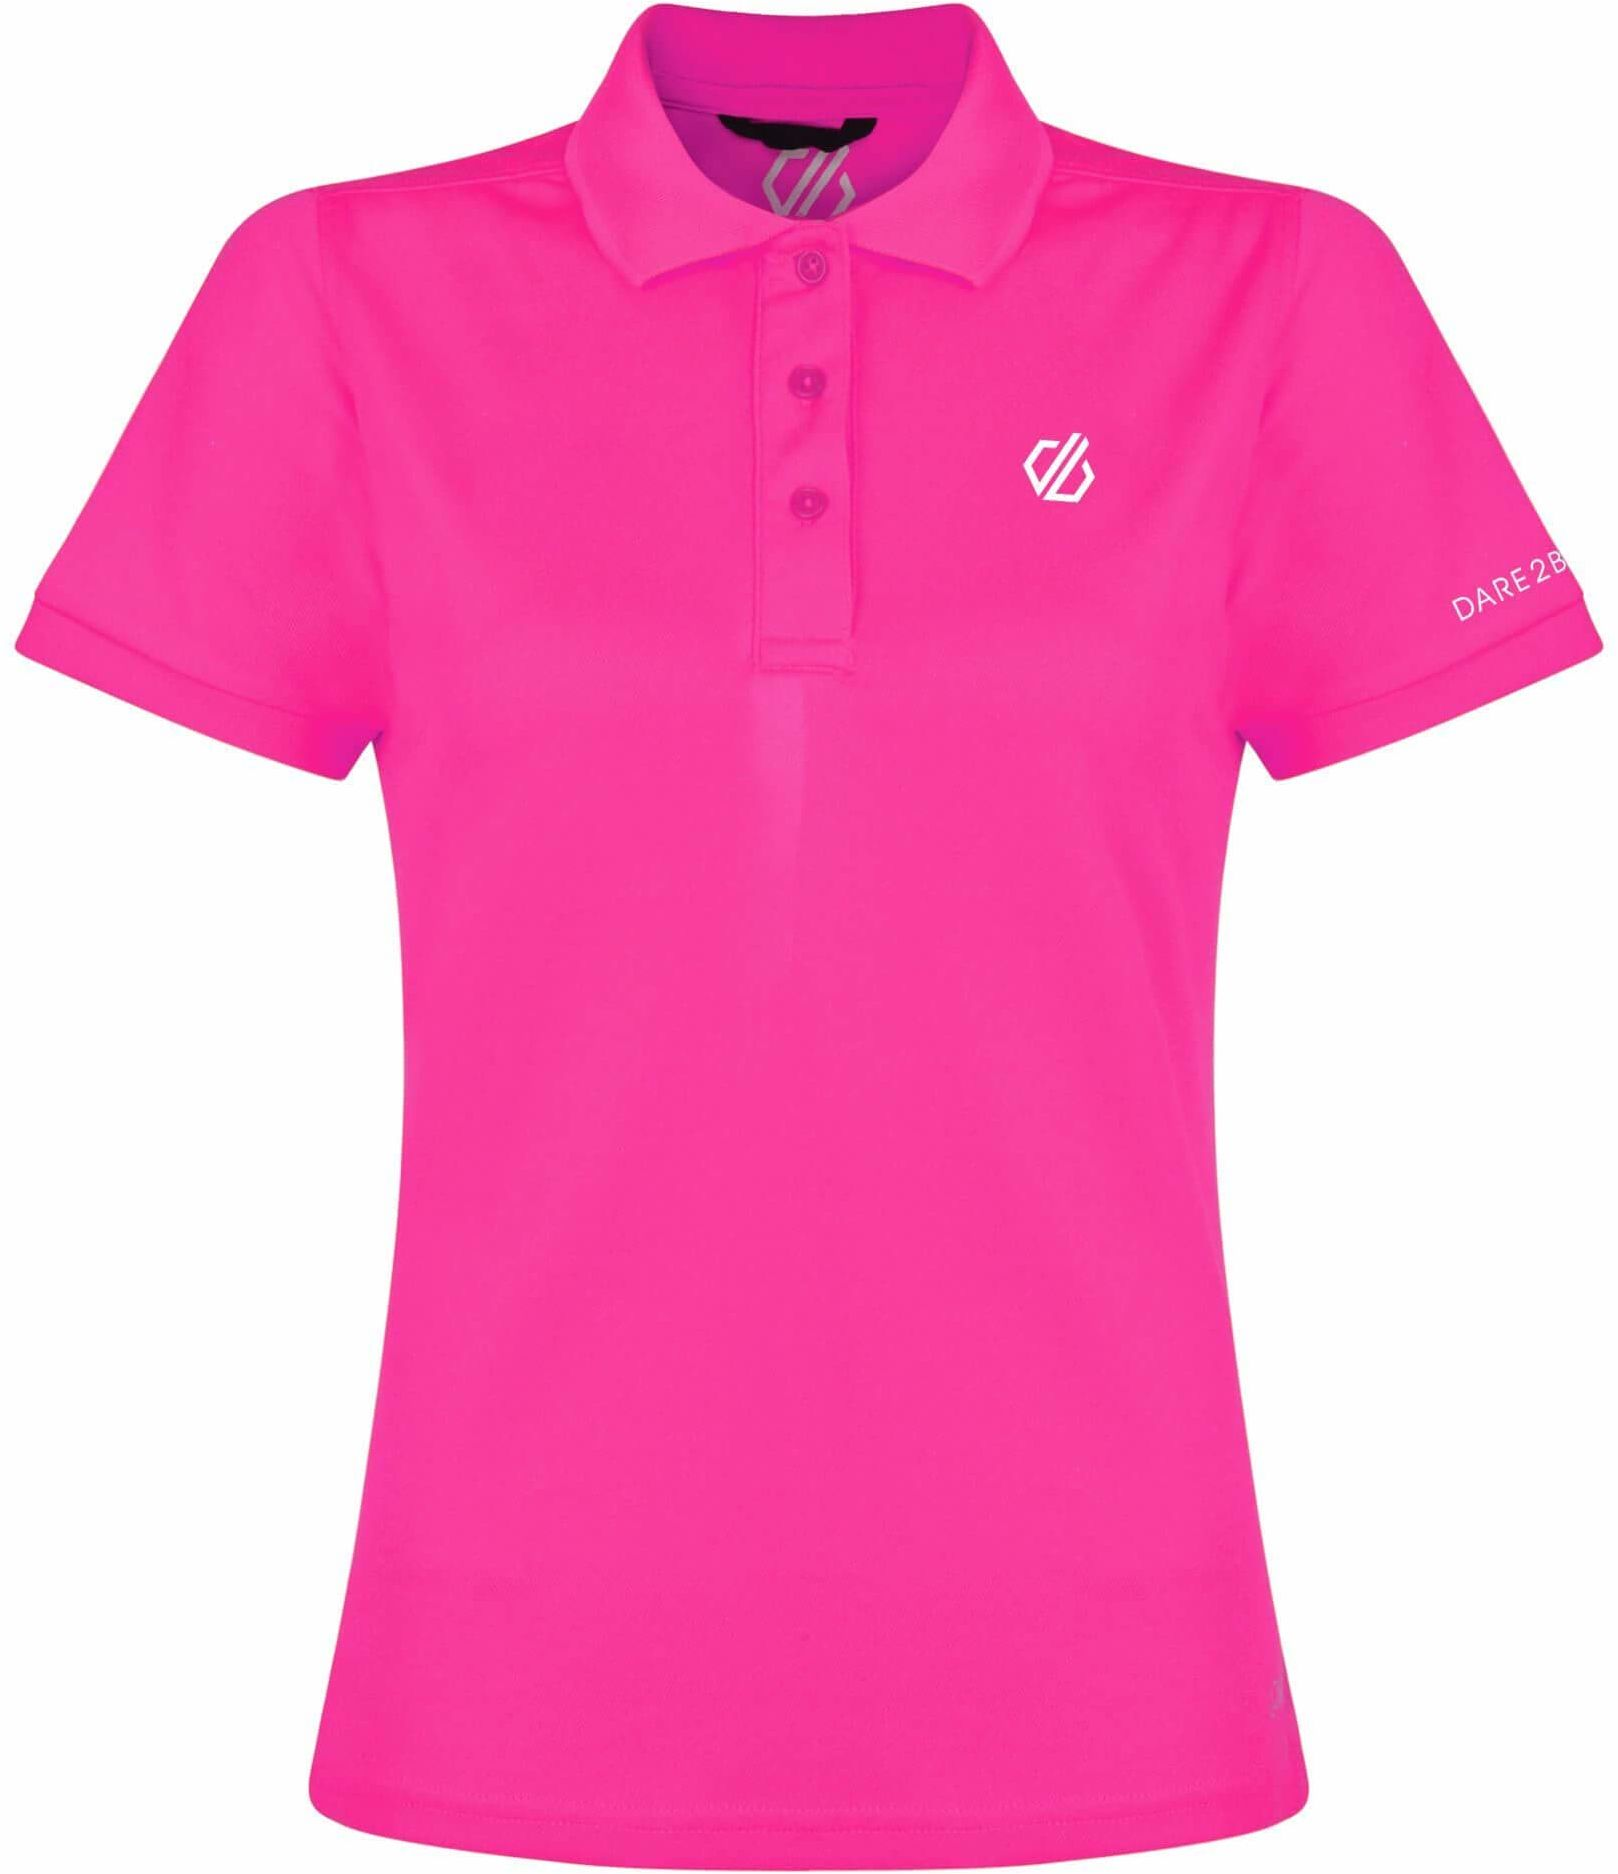 Dare 2b sportowa koszulka polo, lekka, dla kobiet, S Cyber Pink